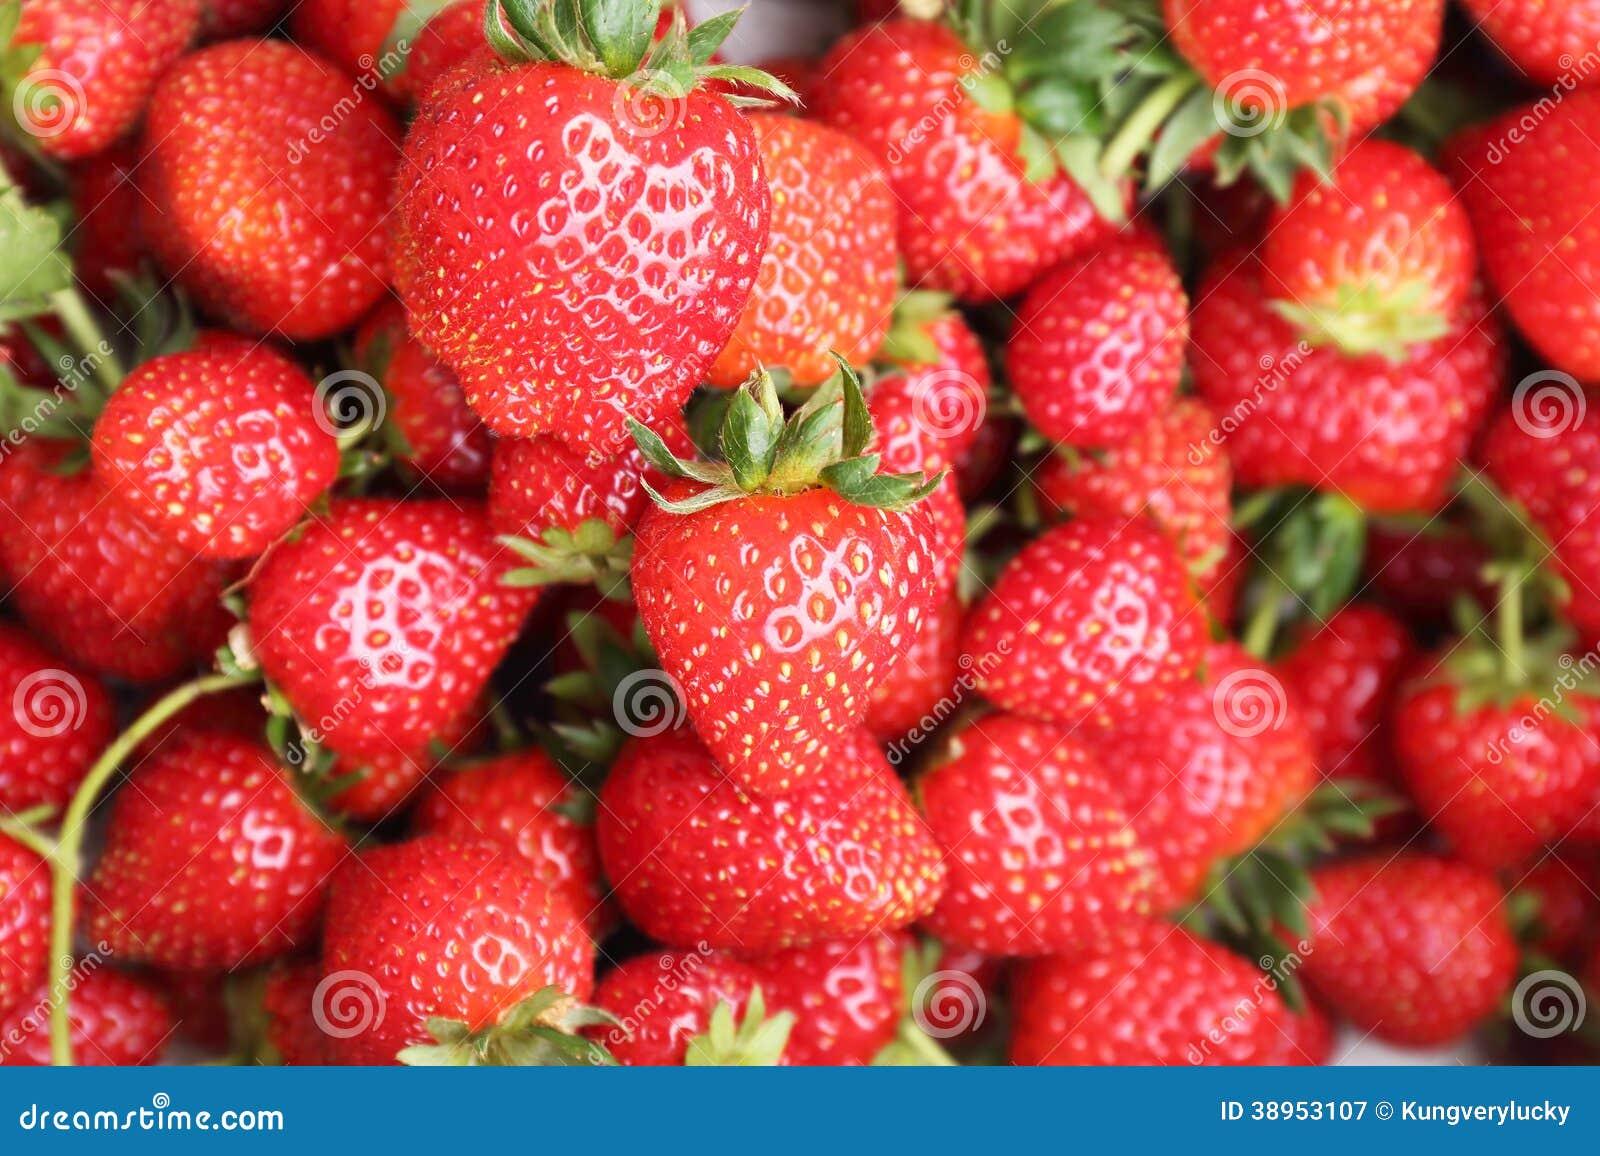 设置在一箱草莓在销售前.